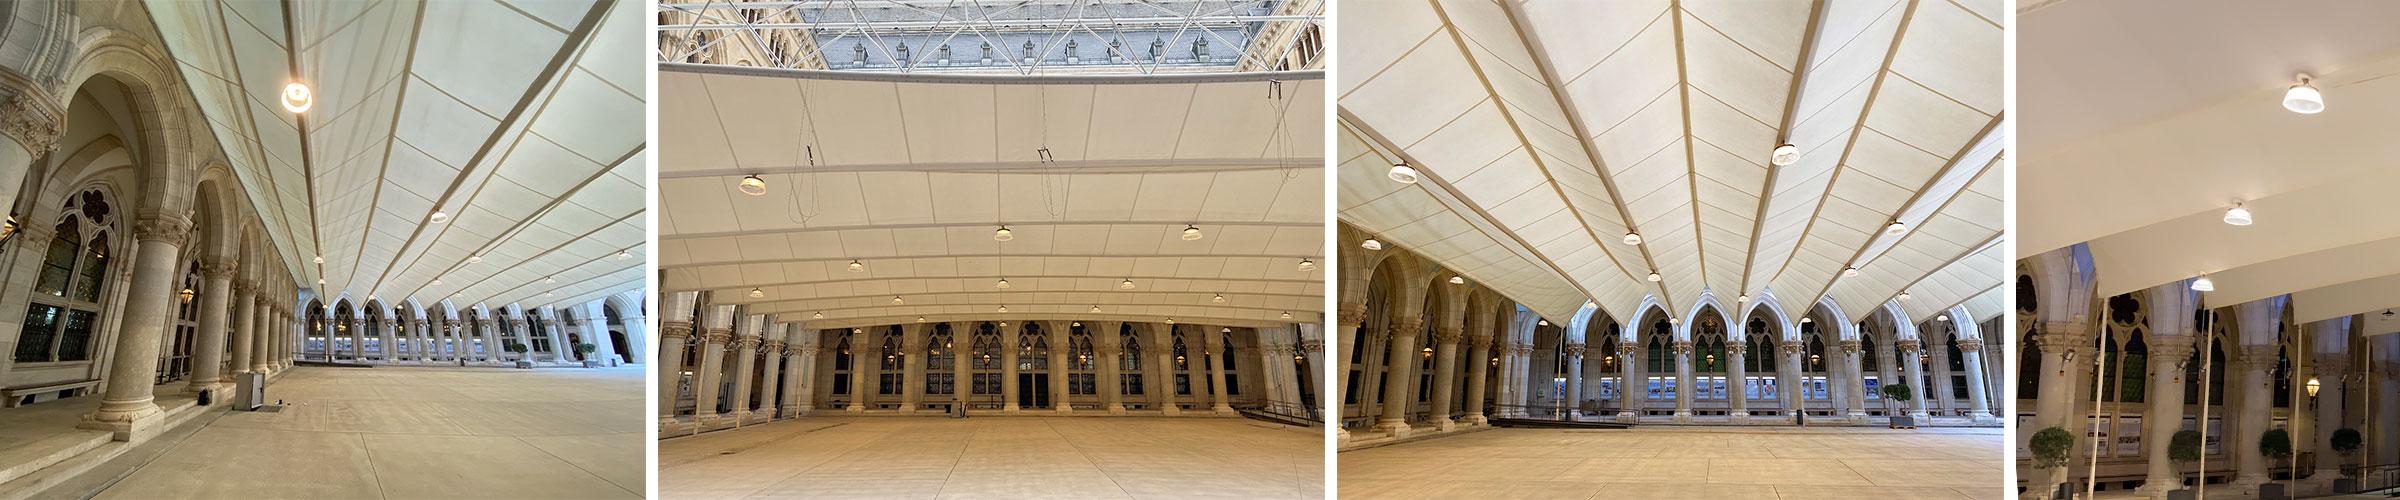 Rathaus Wien SML LED Hallenleuchte Titan mit smartCon ZigBee Steuerung